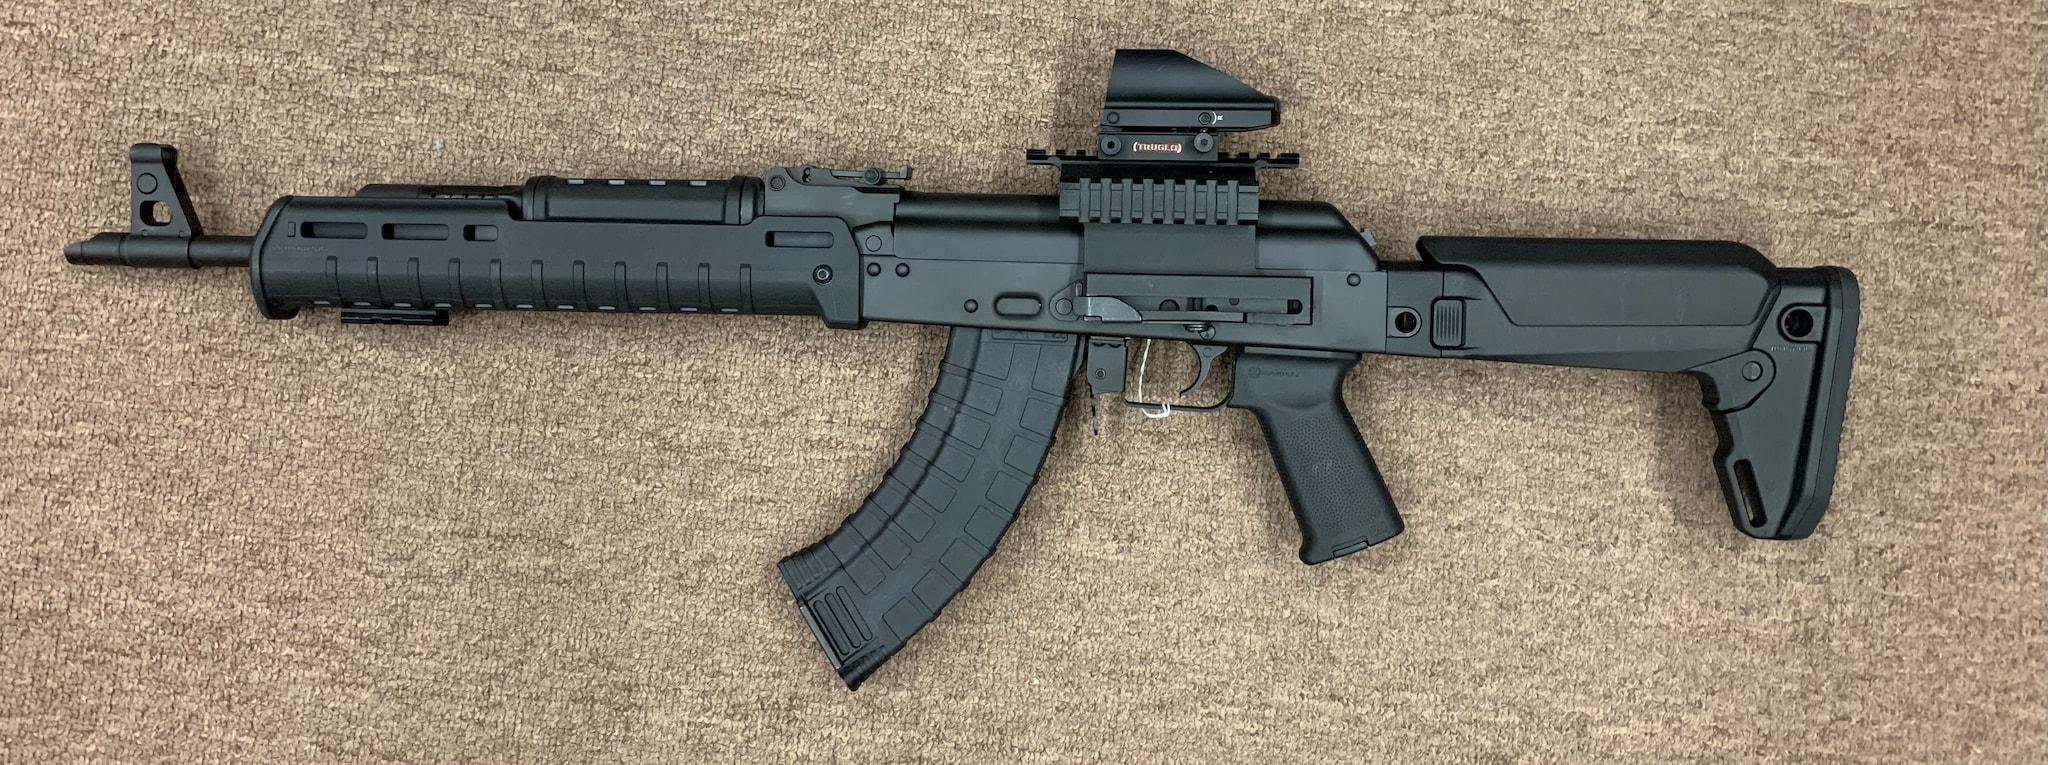 CENTURY ARMS RAS47 Magpul Folding Stock